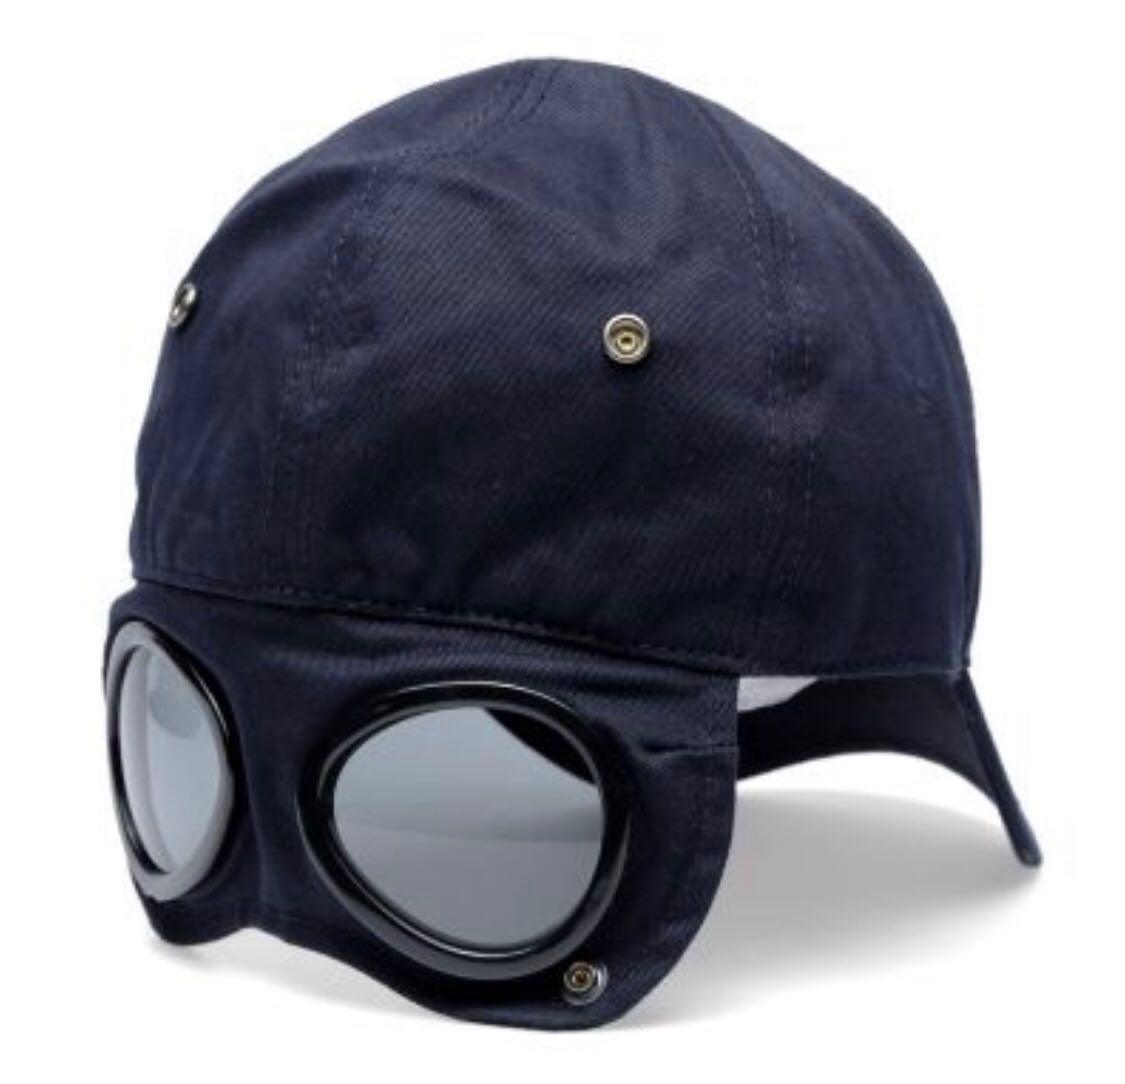 46a69d09d Biker C.P. Company Gabardine Cap Black, Men's Fashion, Accessories ...